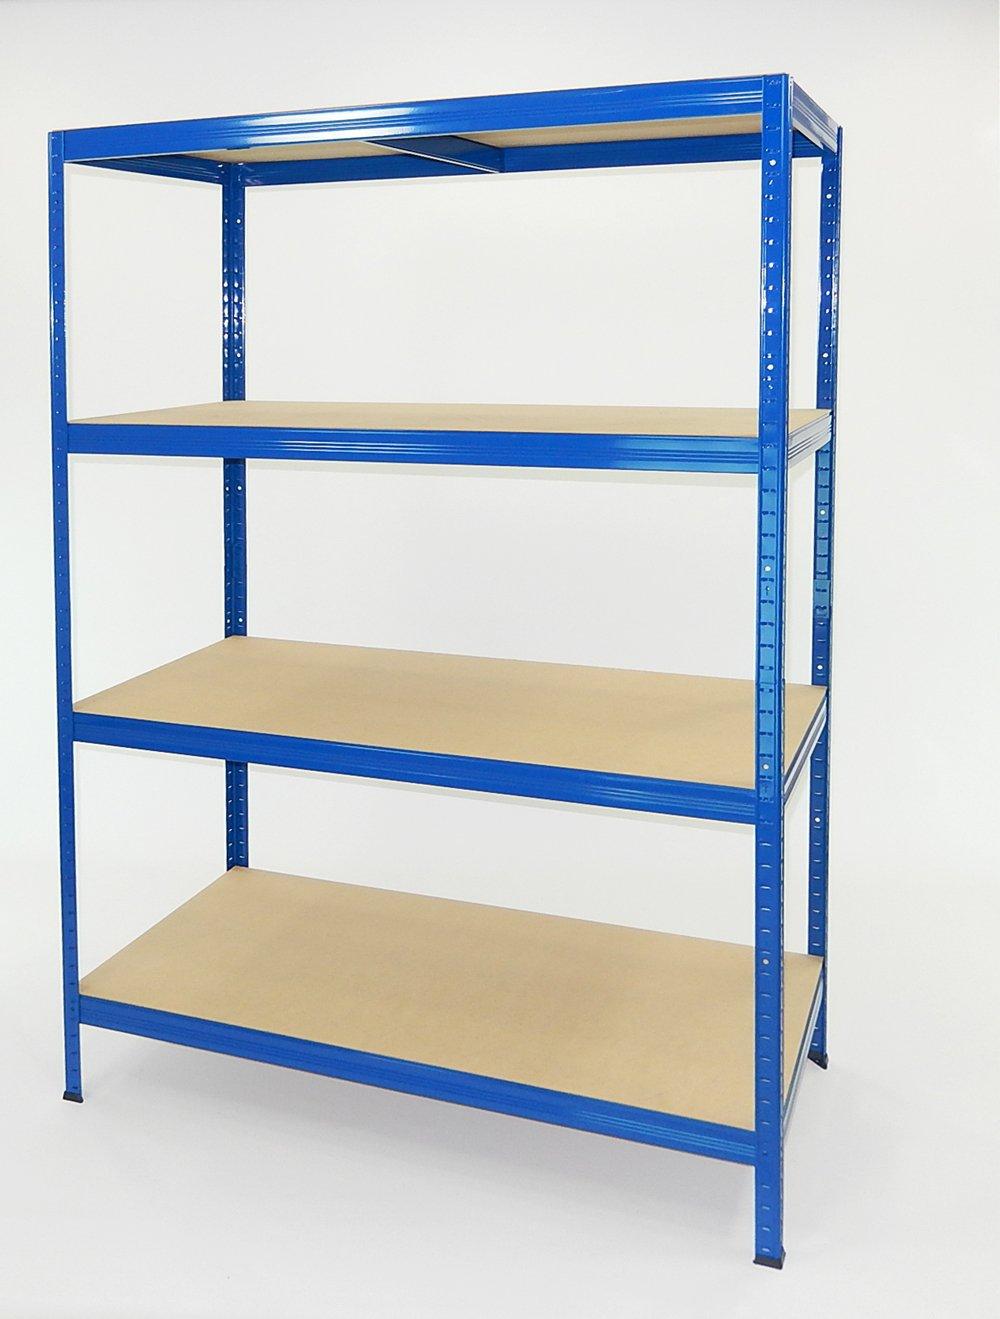 Futtal É tagè re mé tallique de 180 x 120 x 60 cm avec 4 niveaux Bleu trè s intense, bleu Kovona